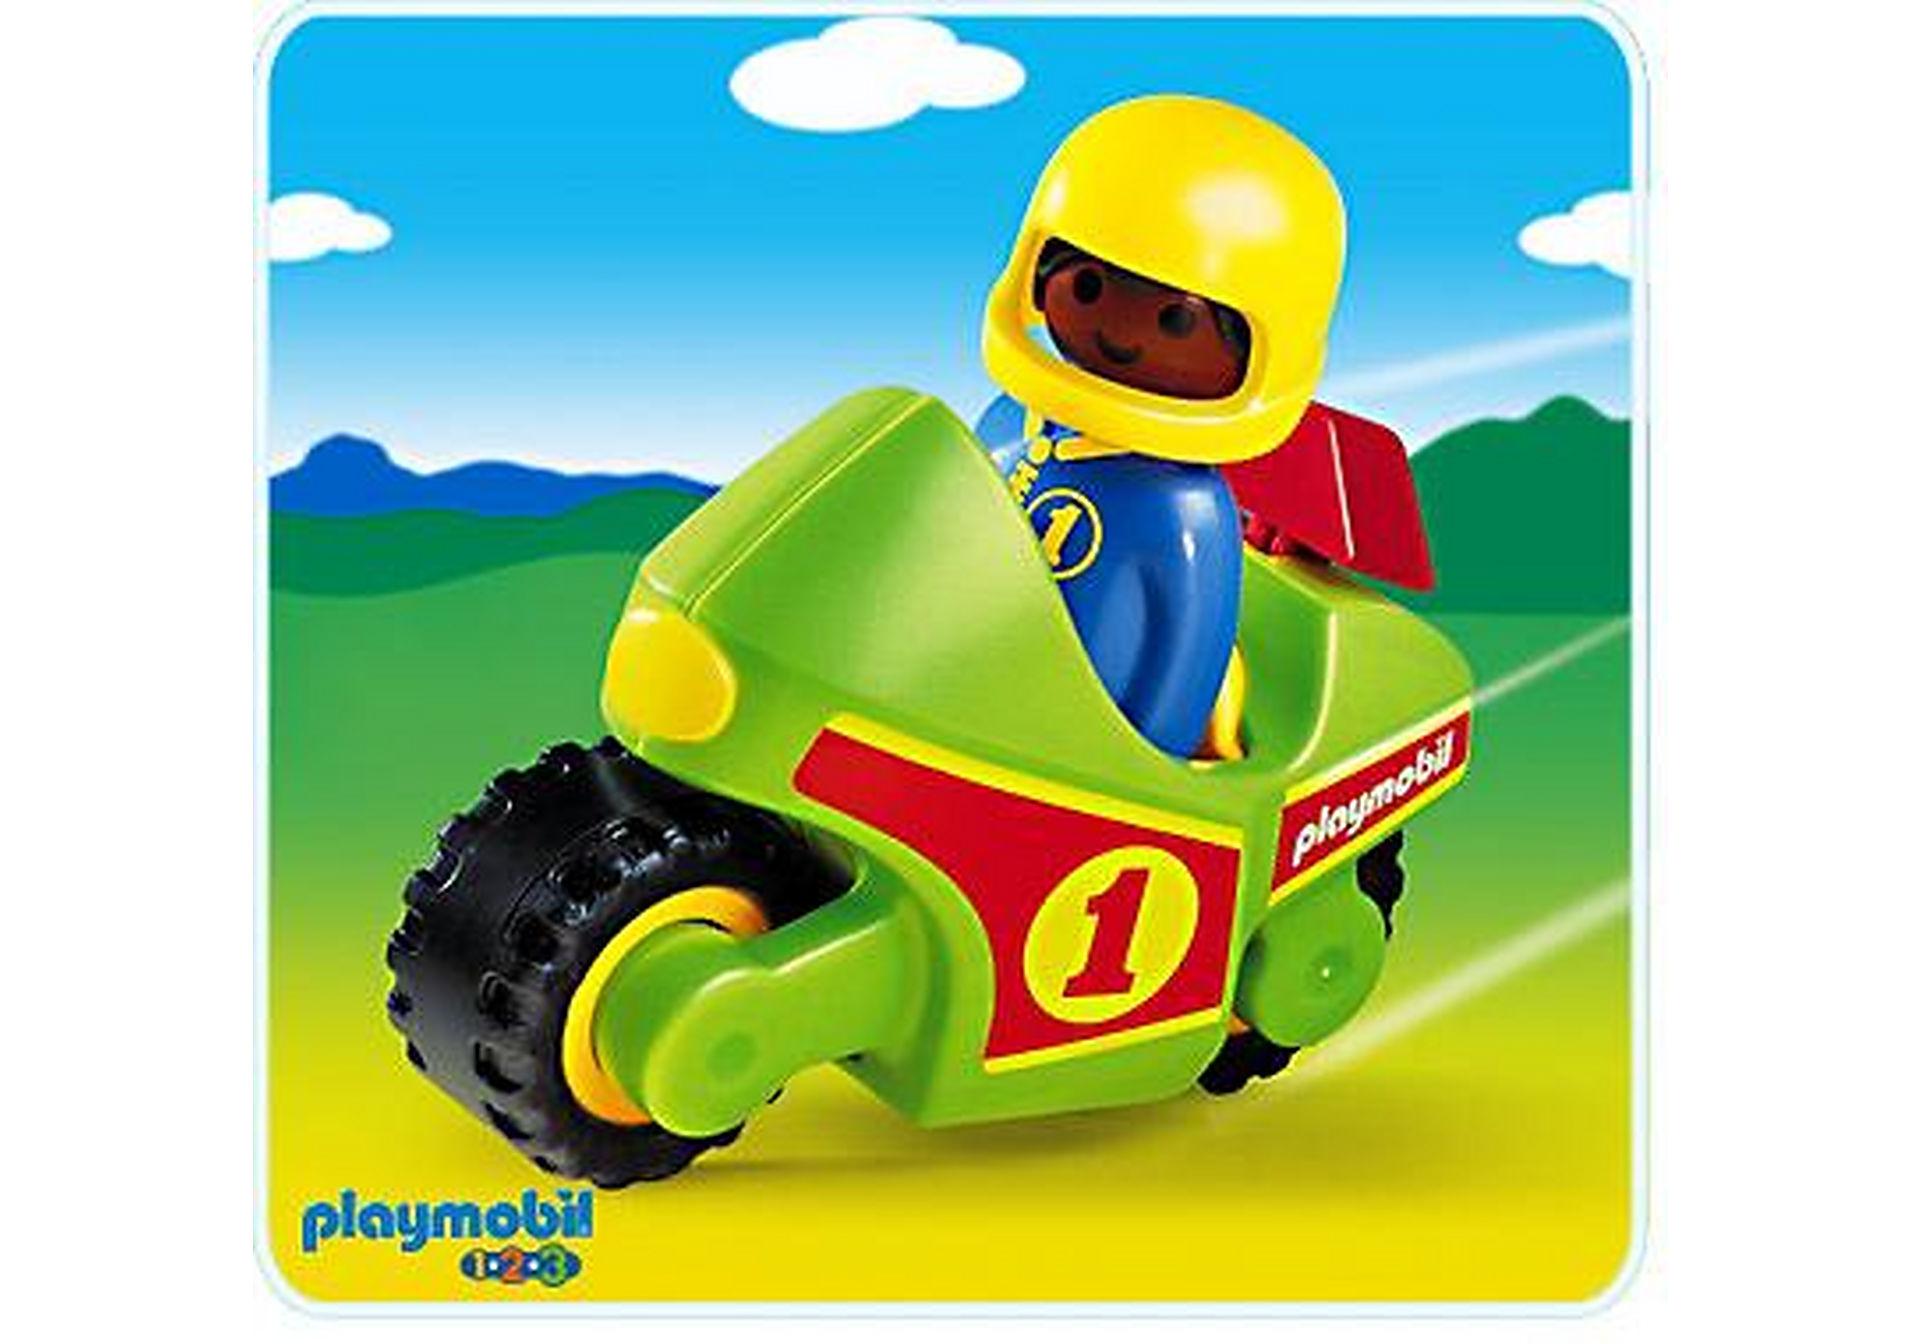 http://media.playmobil.com/i/playmobil/6719-A_product_detail/Pilote / moto de course 1.2.3